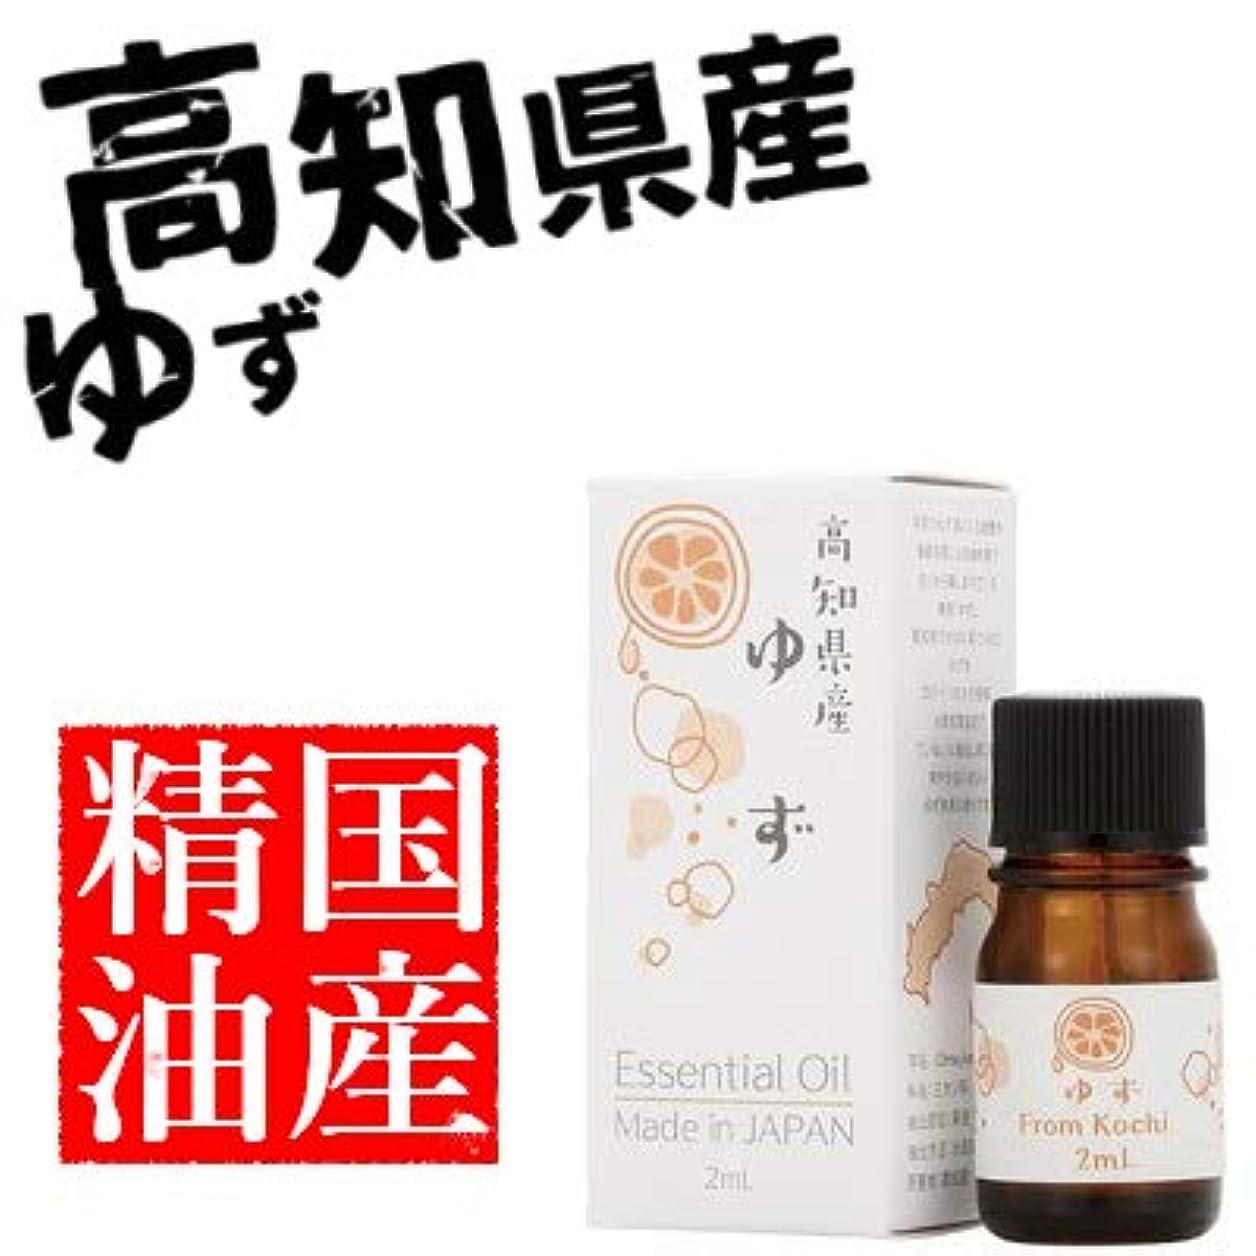 矢評論家長椅子日本の香りシリーズ ゆず エッセンシャルオイル 国産精油 高知県産 2ml